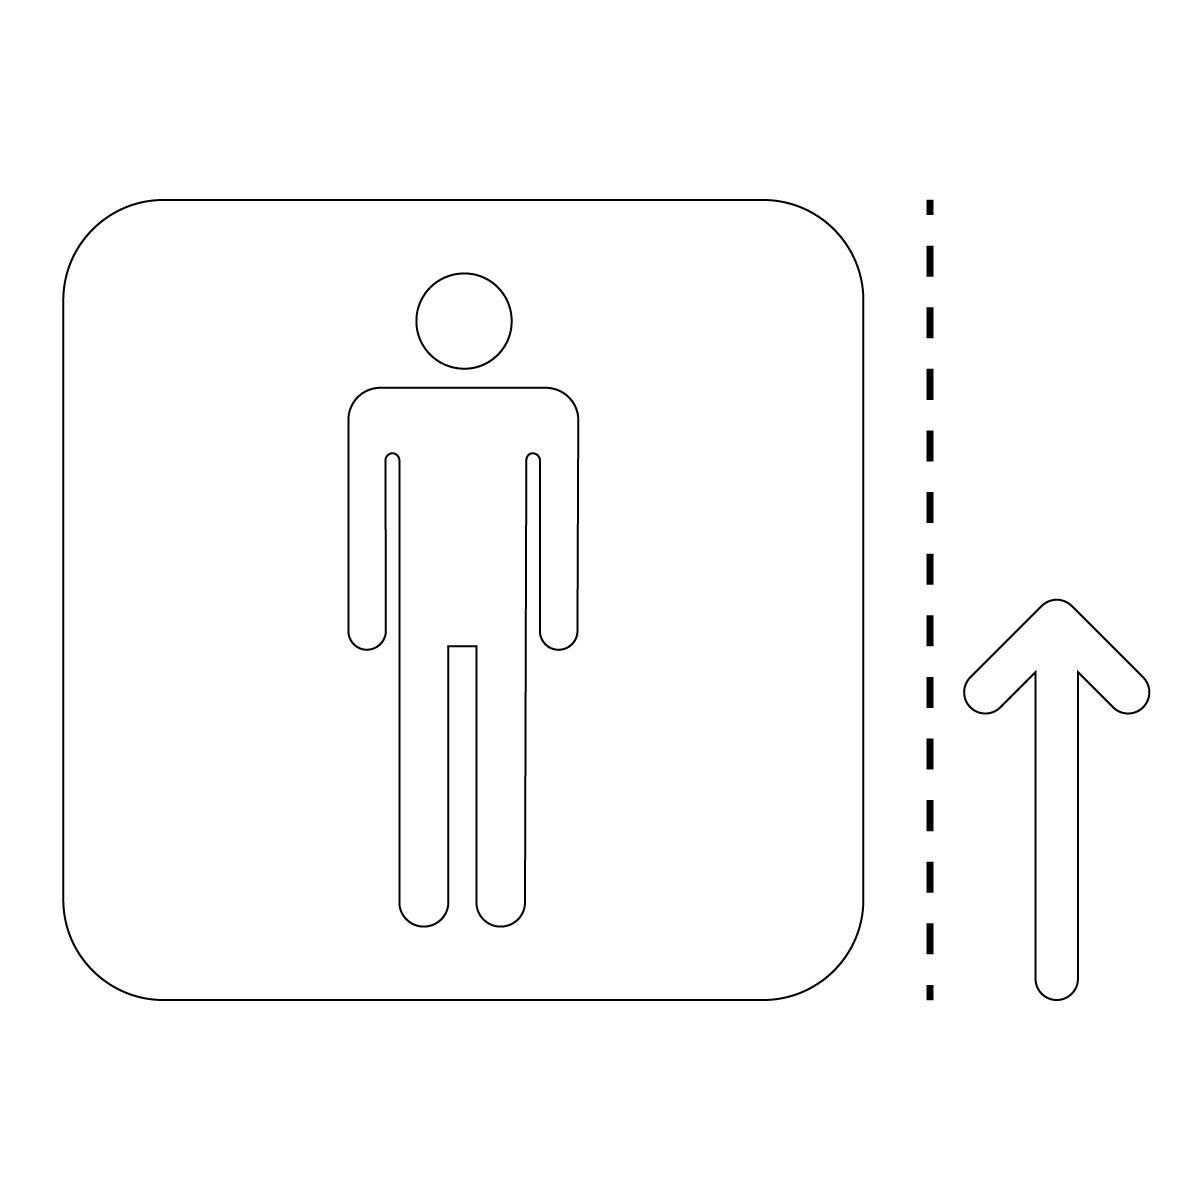 白色の男性トイレ案内マーク(矢印付き)のカッティングステッカー・シール